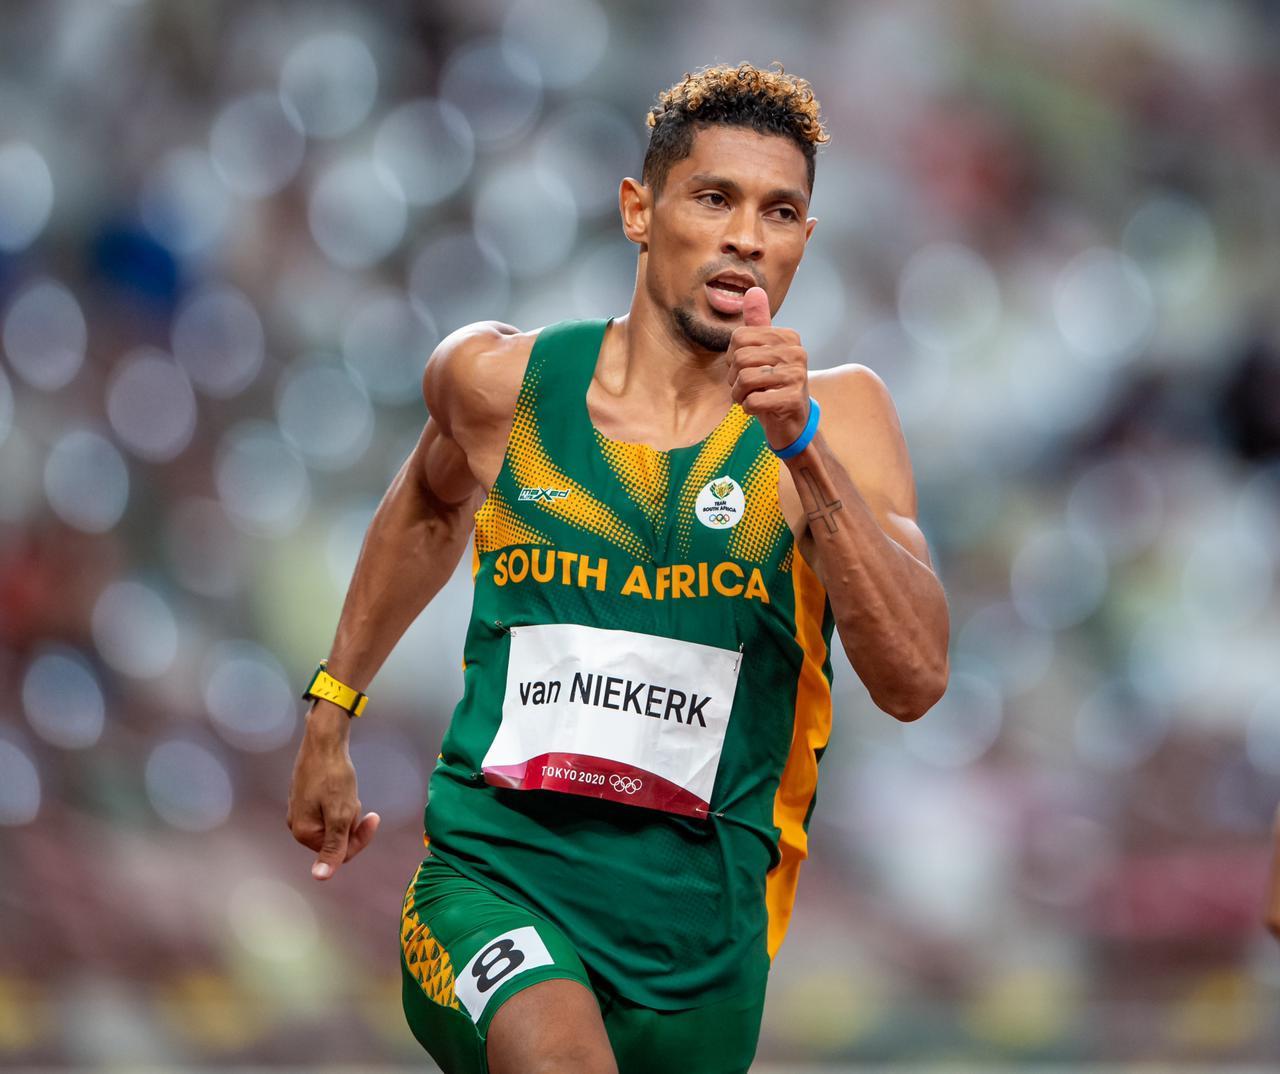 Van Niekerk 'very disappointed' after 400m exit